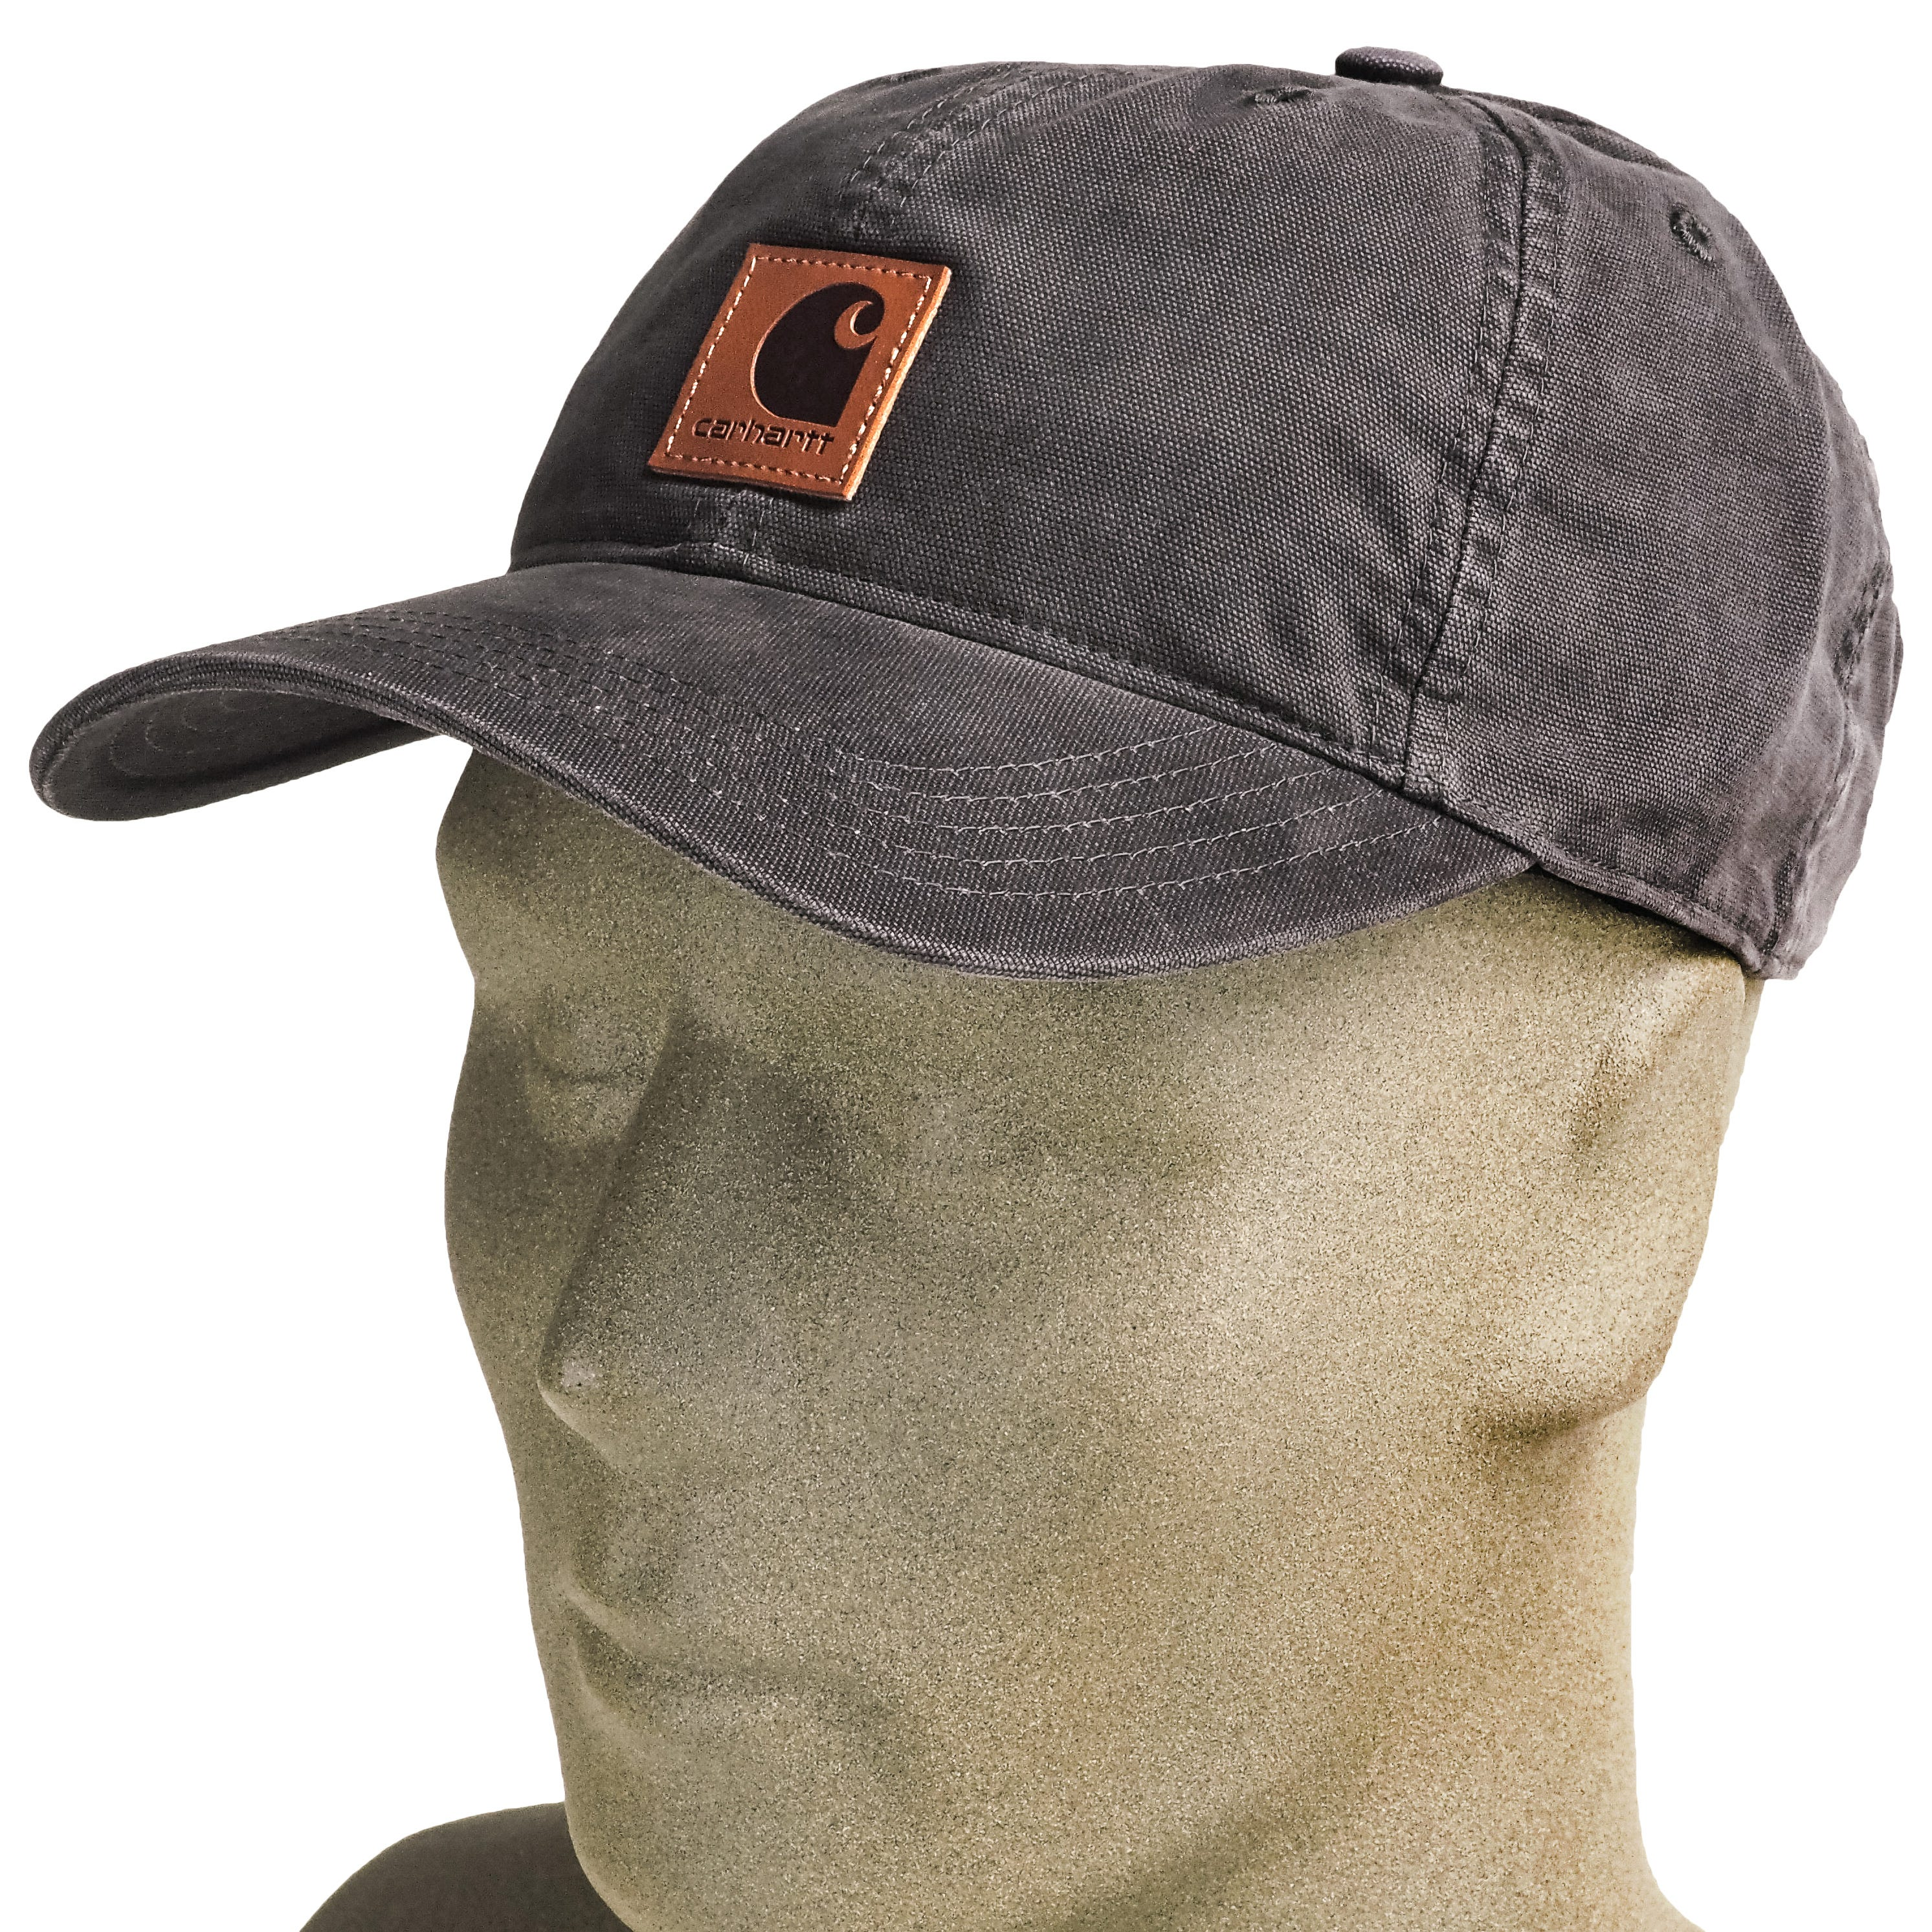 72a1d35b95636 Carhartt Hats  Men s 100289 001 Black Canvas Odessa Cap - Clothes ...